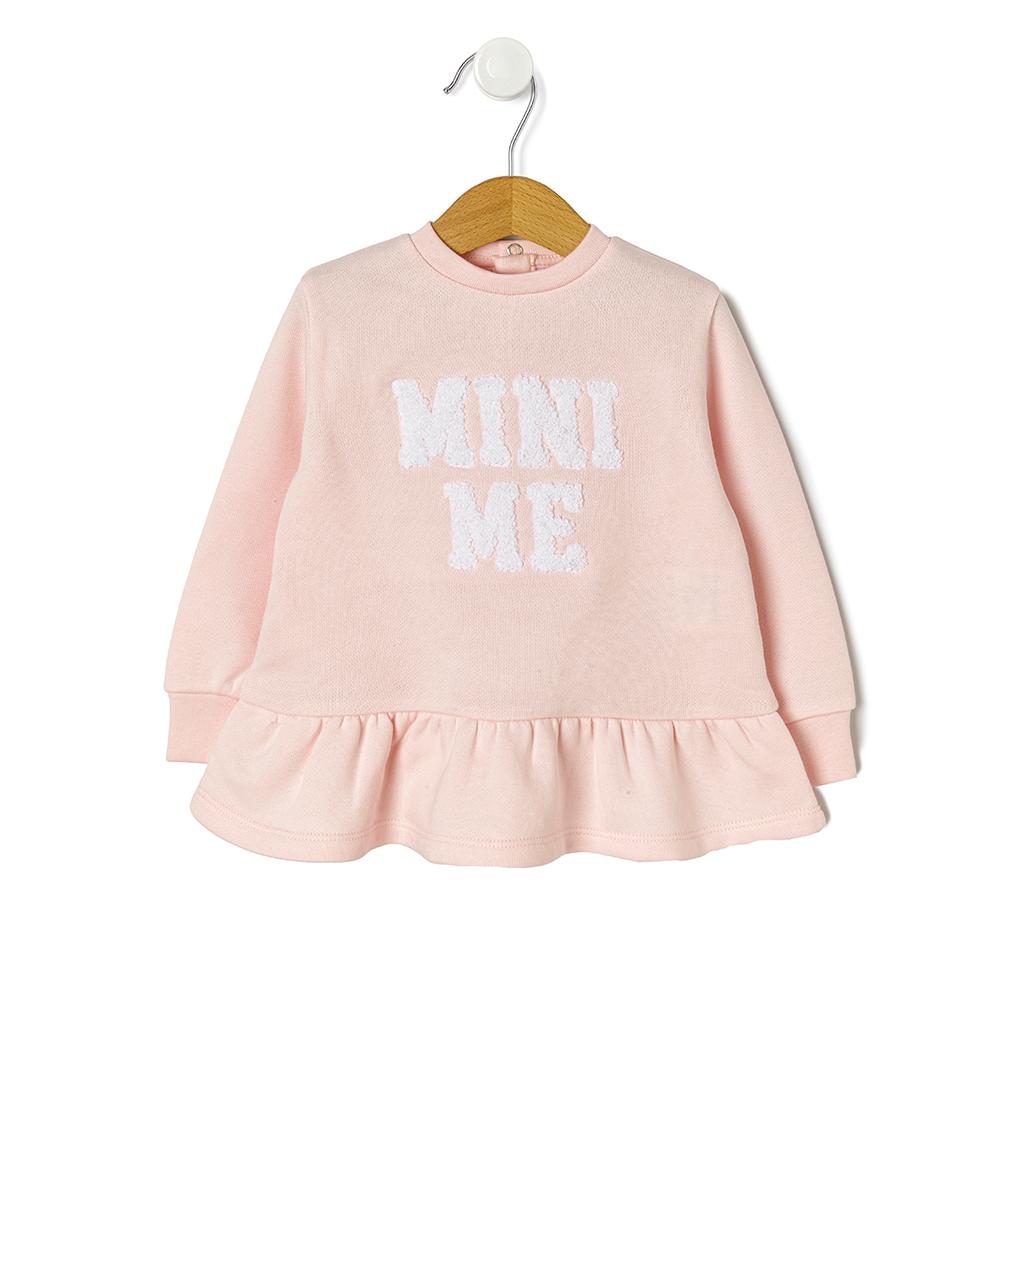 Μπλούζα Φούτερ Mini Me για Κορίτσι